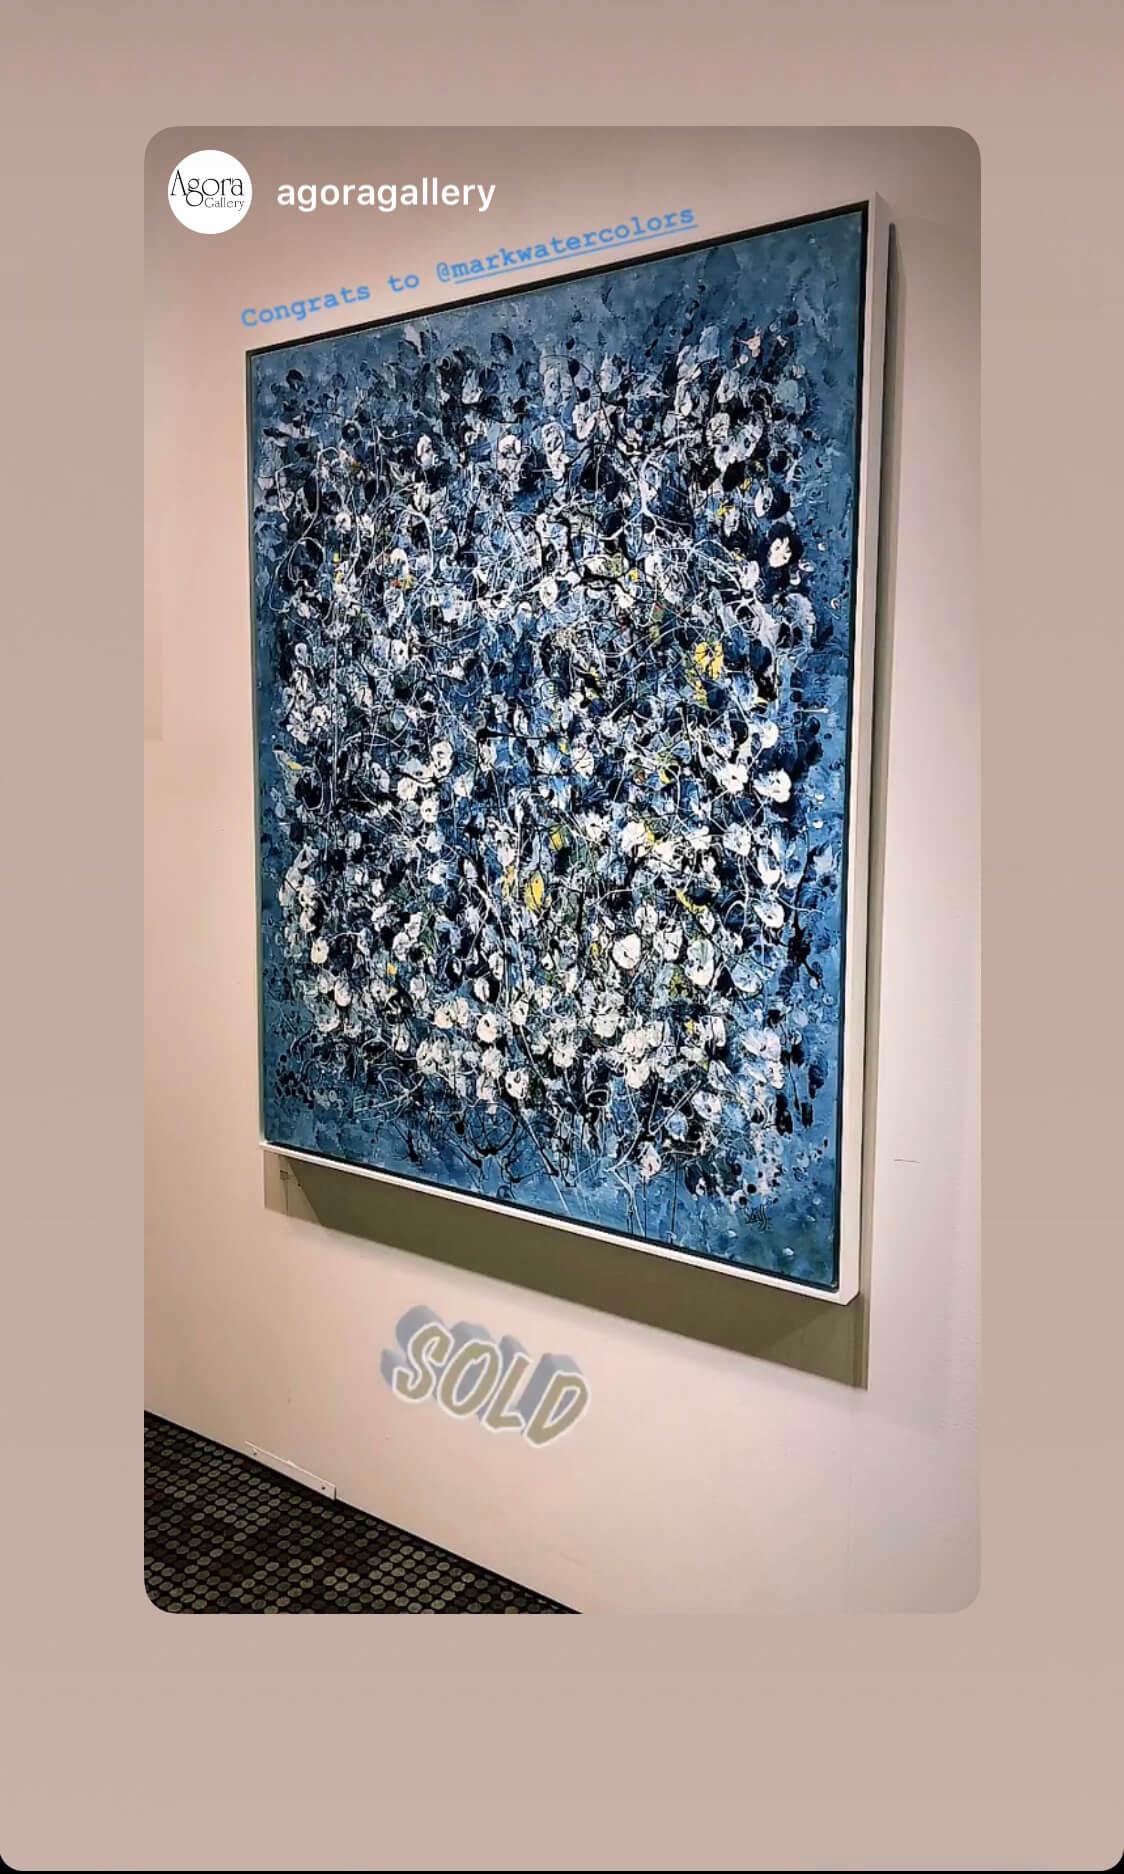 MarkSchiff-Agora Gallery